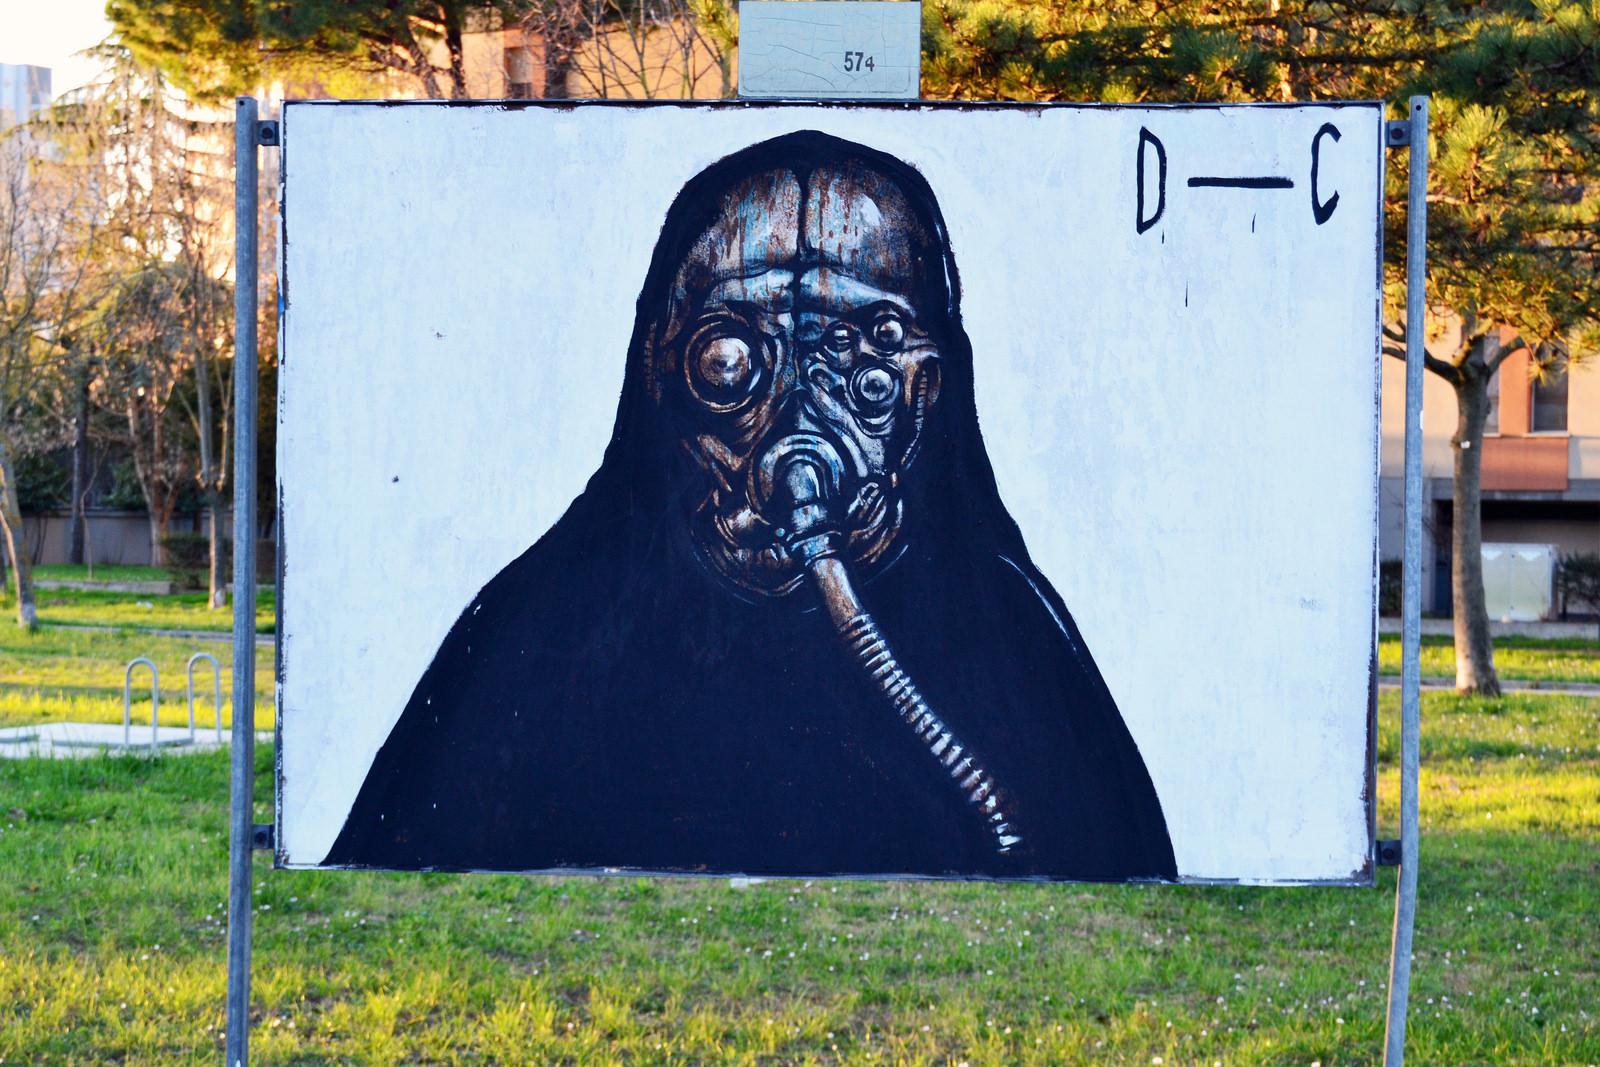 dissensocognitivo-new-mural-near-ravenna-part2-02